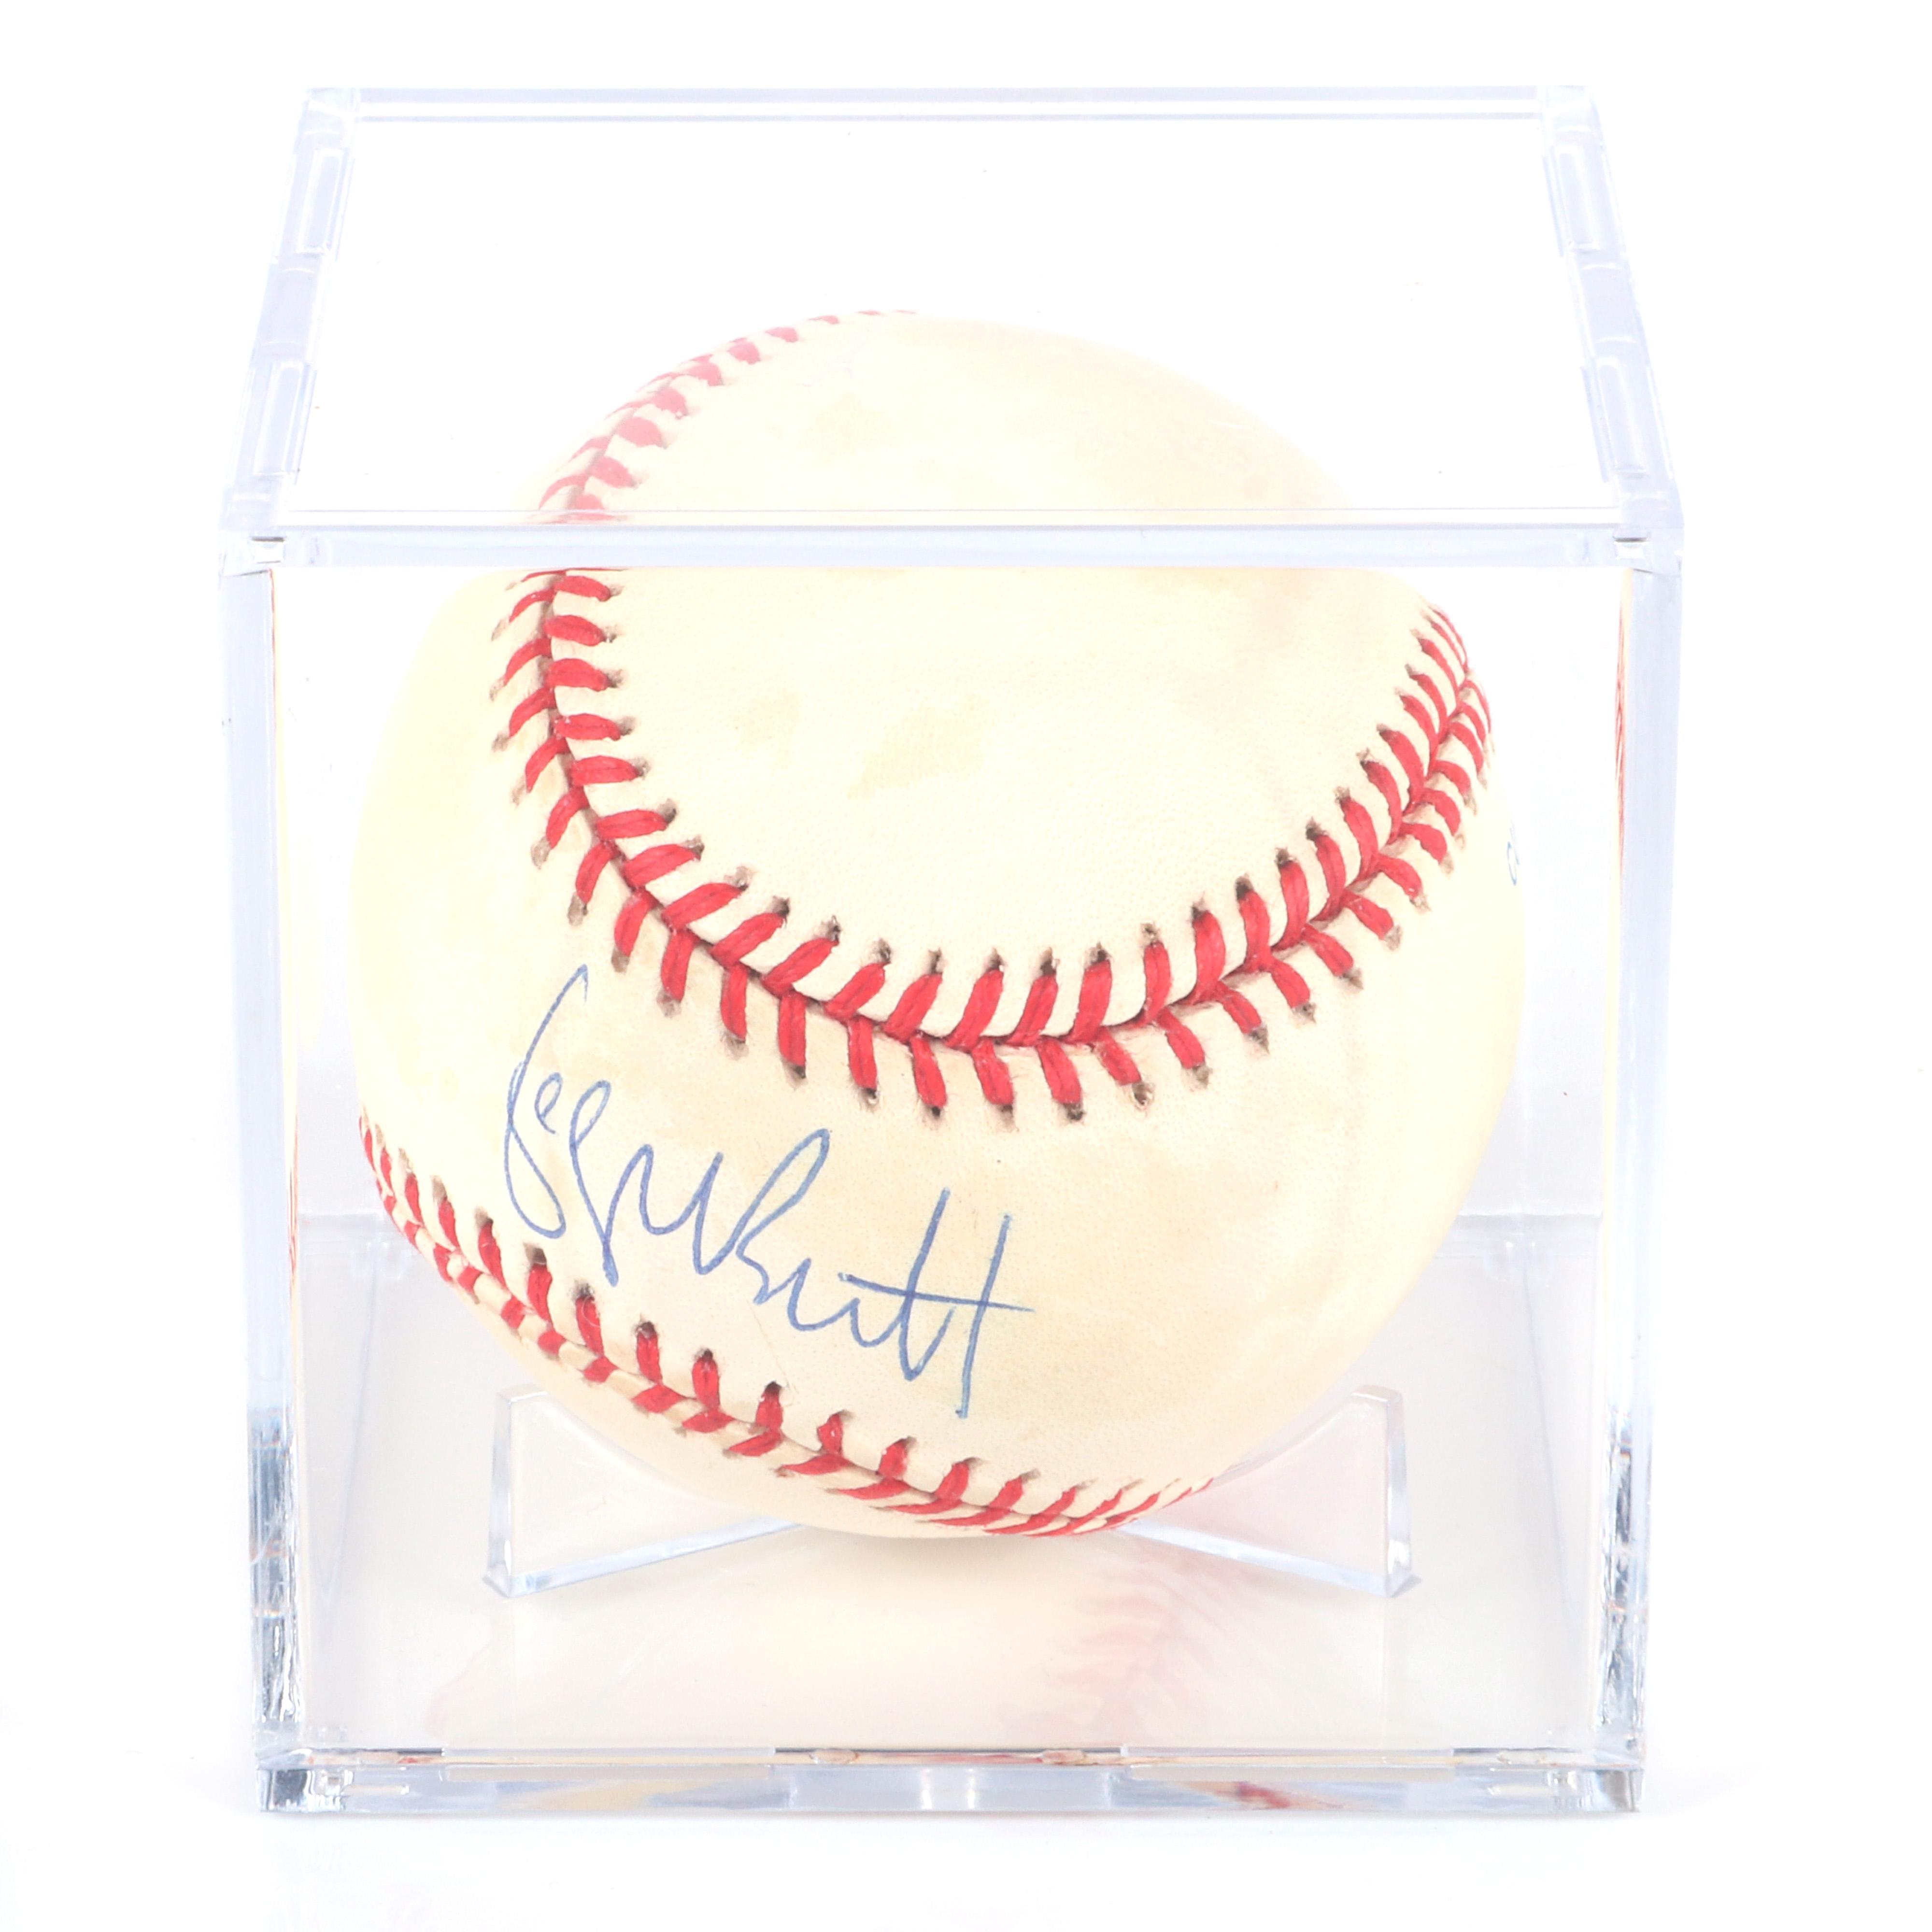 George Brett Autographed Baseball